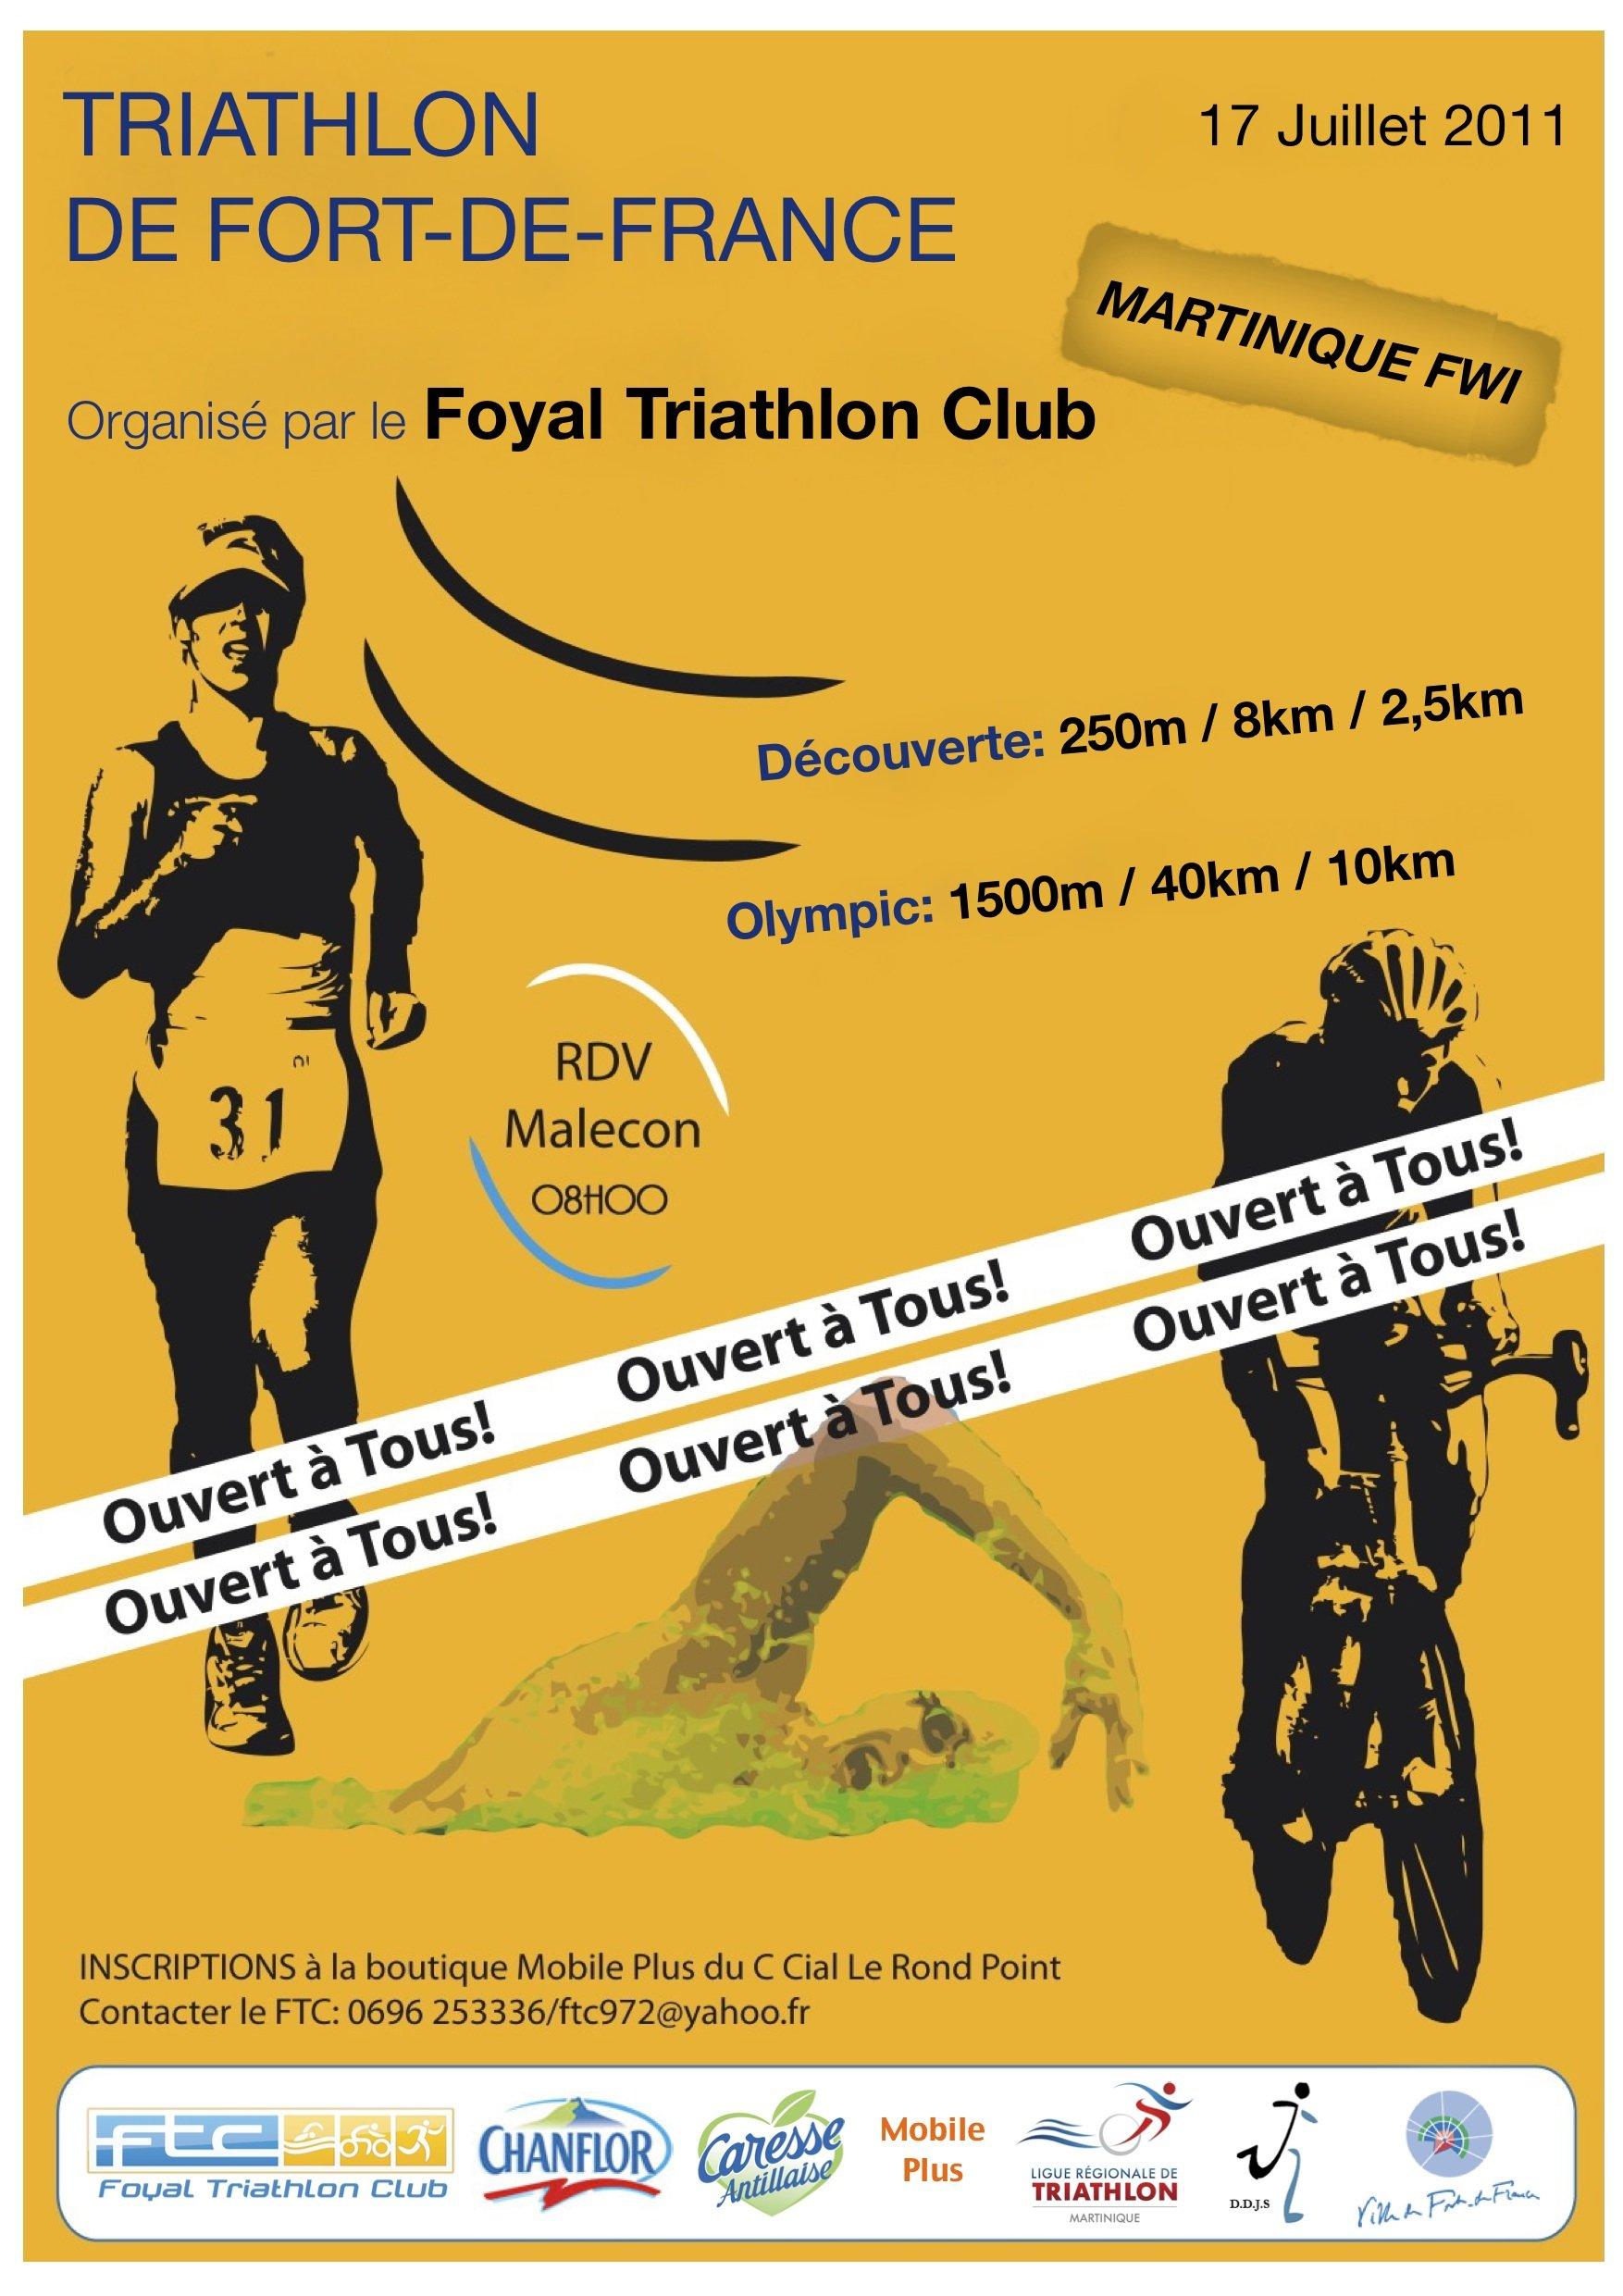 Affiche Triathlon FDF 2011